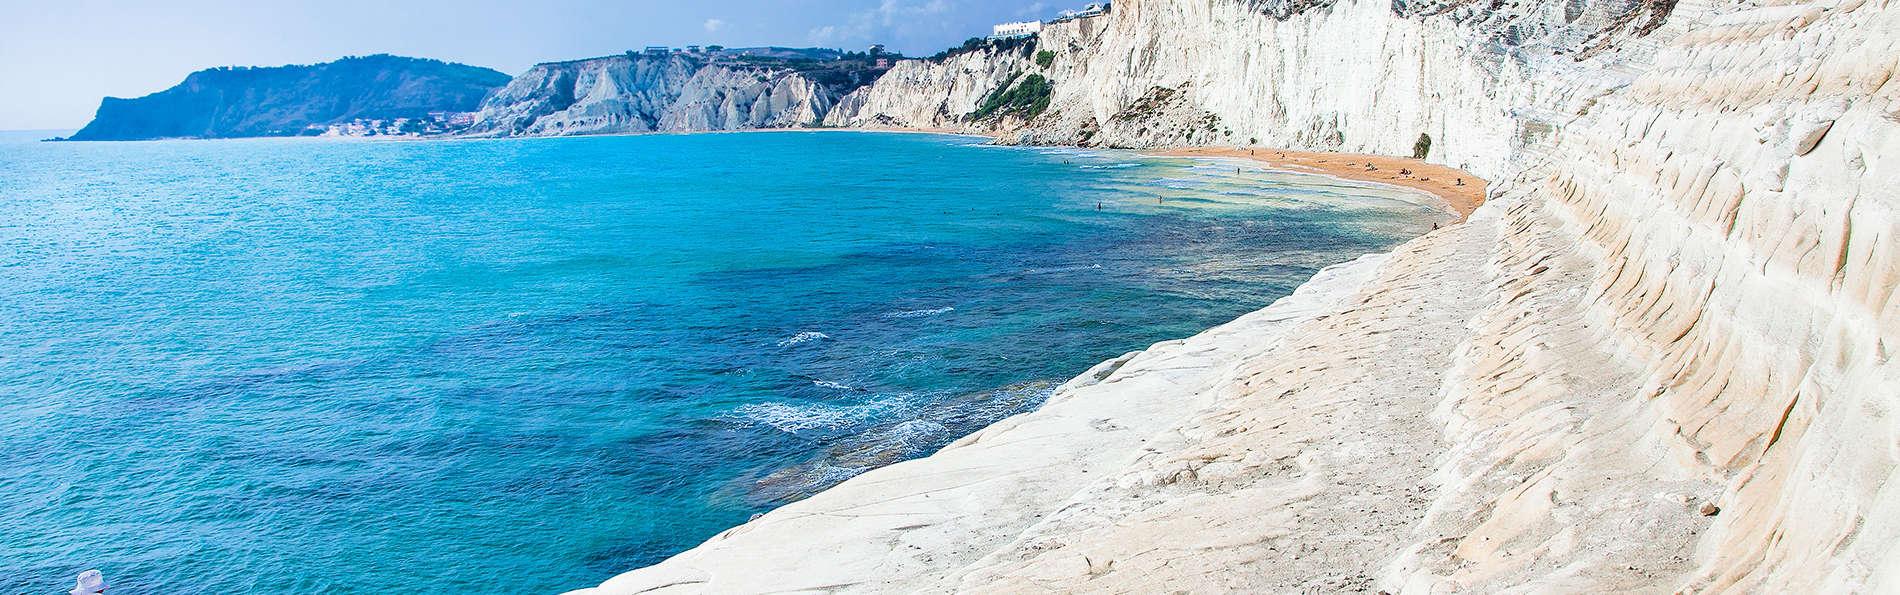 Offerta per la Scala dei Turchi: Sicilia in esclusiva affacciati sulla costa